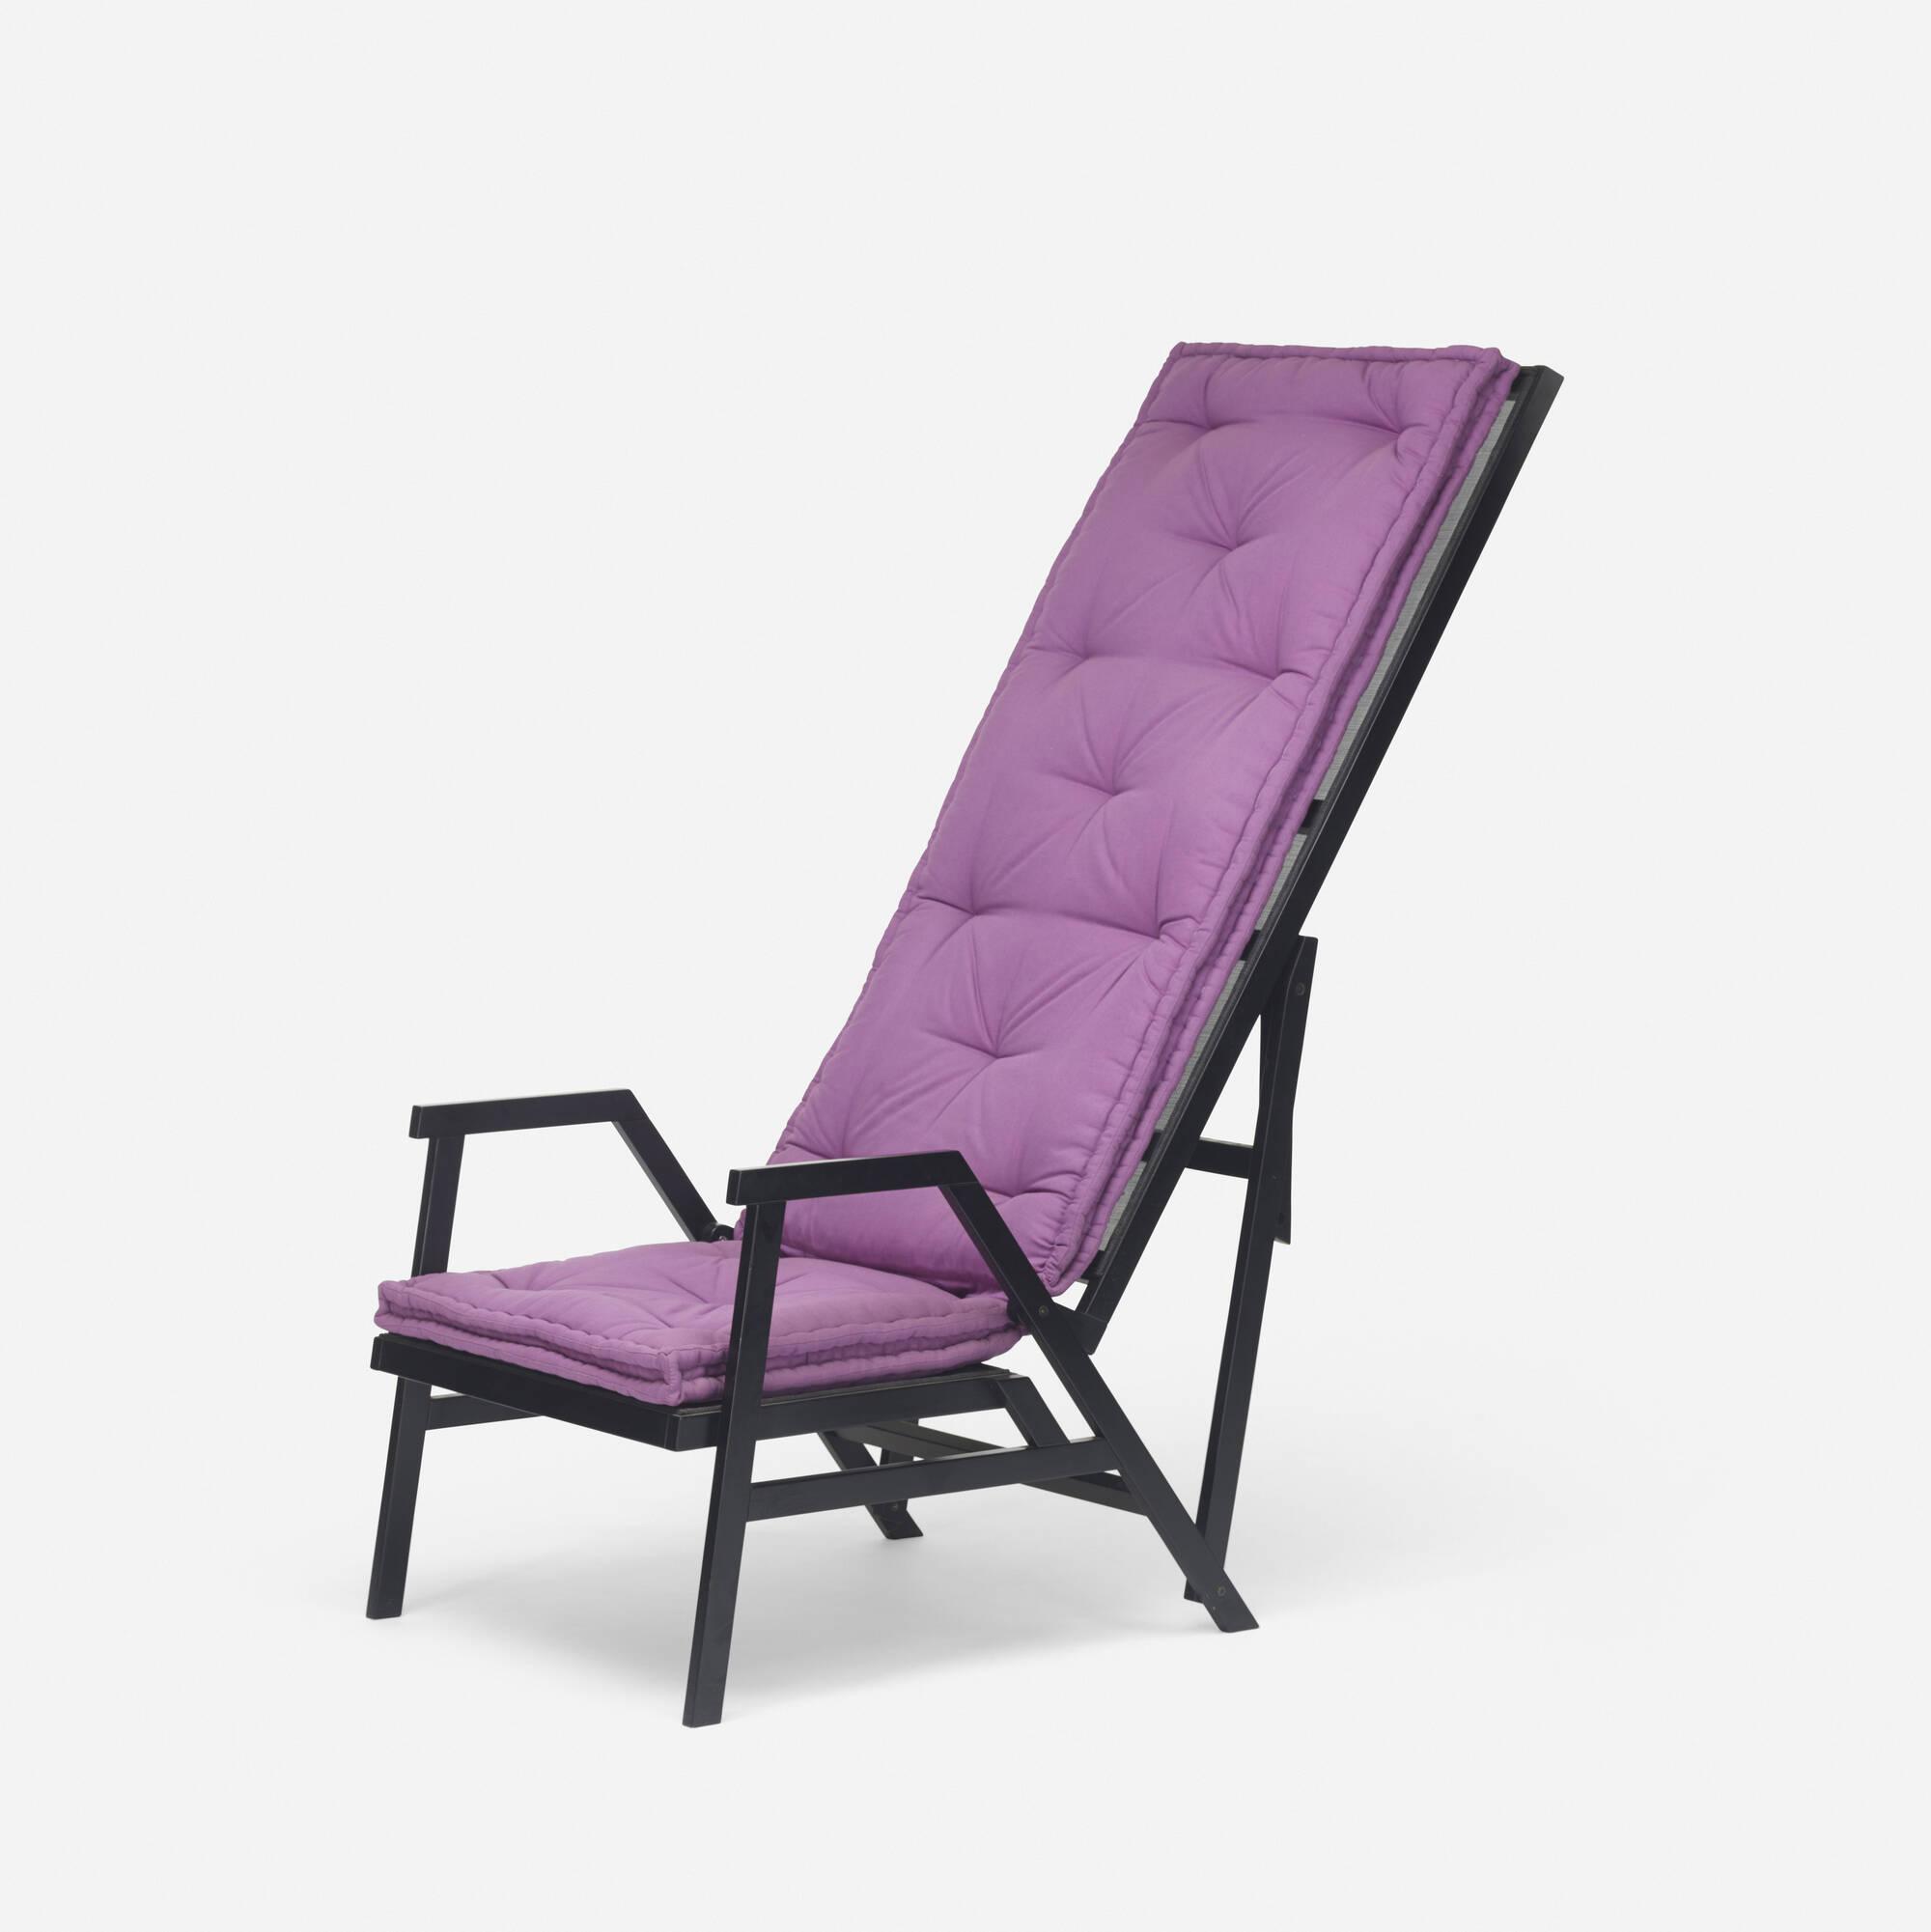 308: Achille Castiglioni / rare Polet lawn chair (2 of 3)